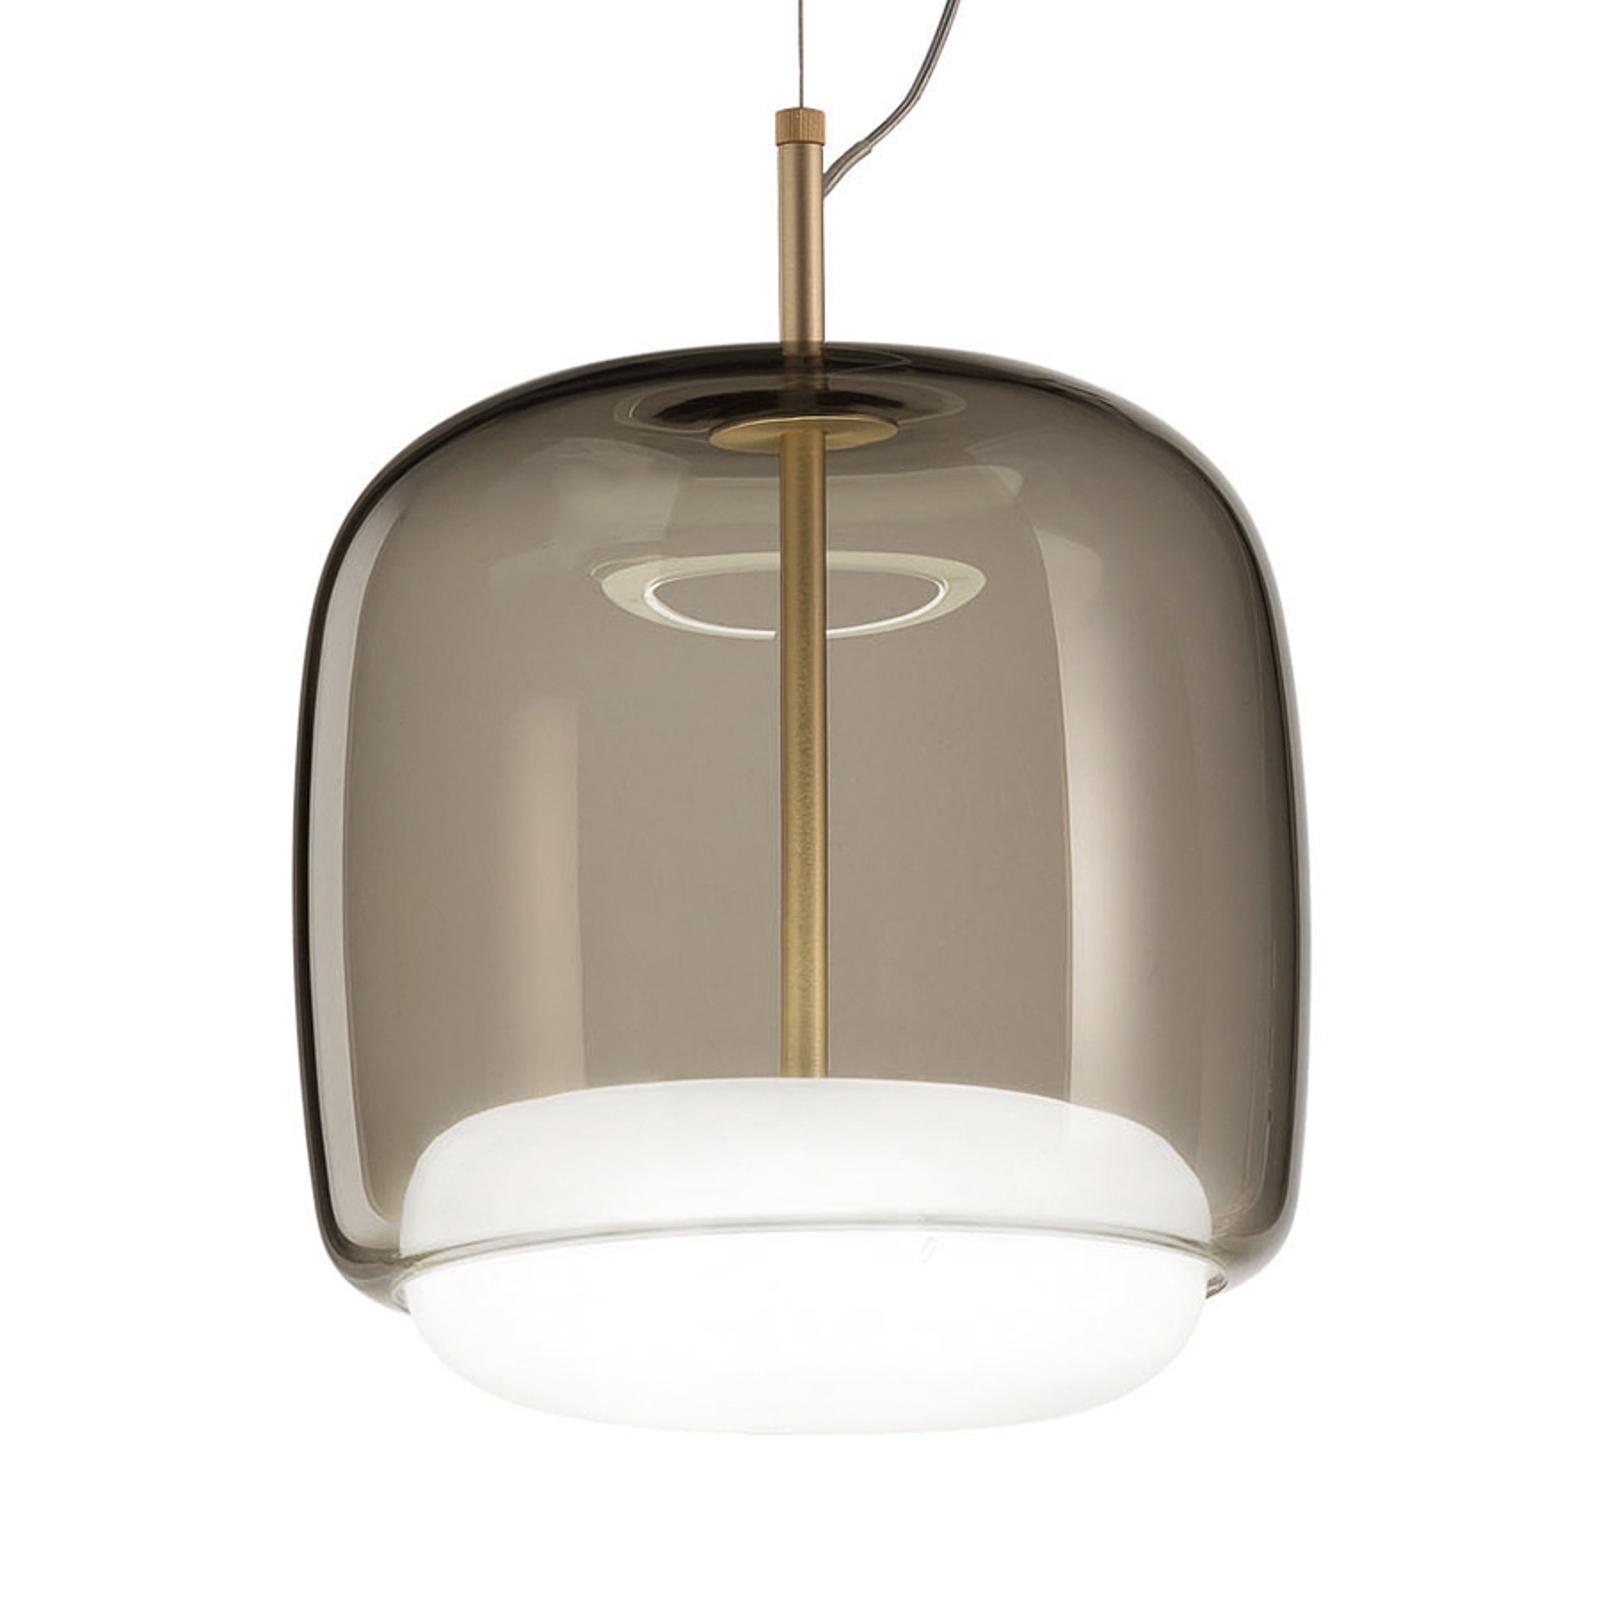 Hanglamp Jube SP P met dubbele kap grijs/wit